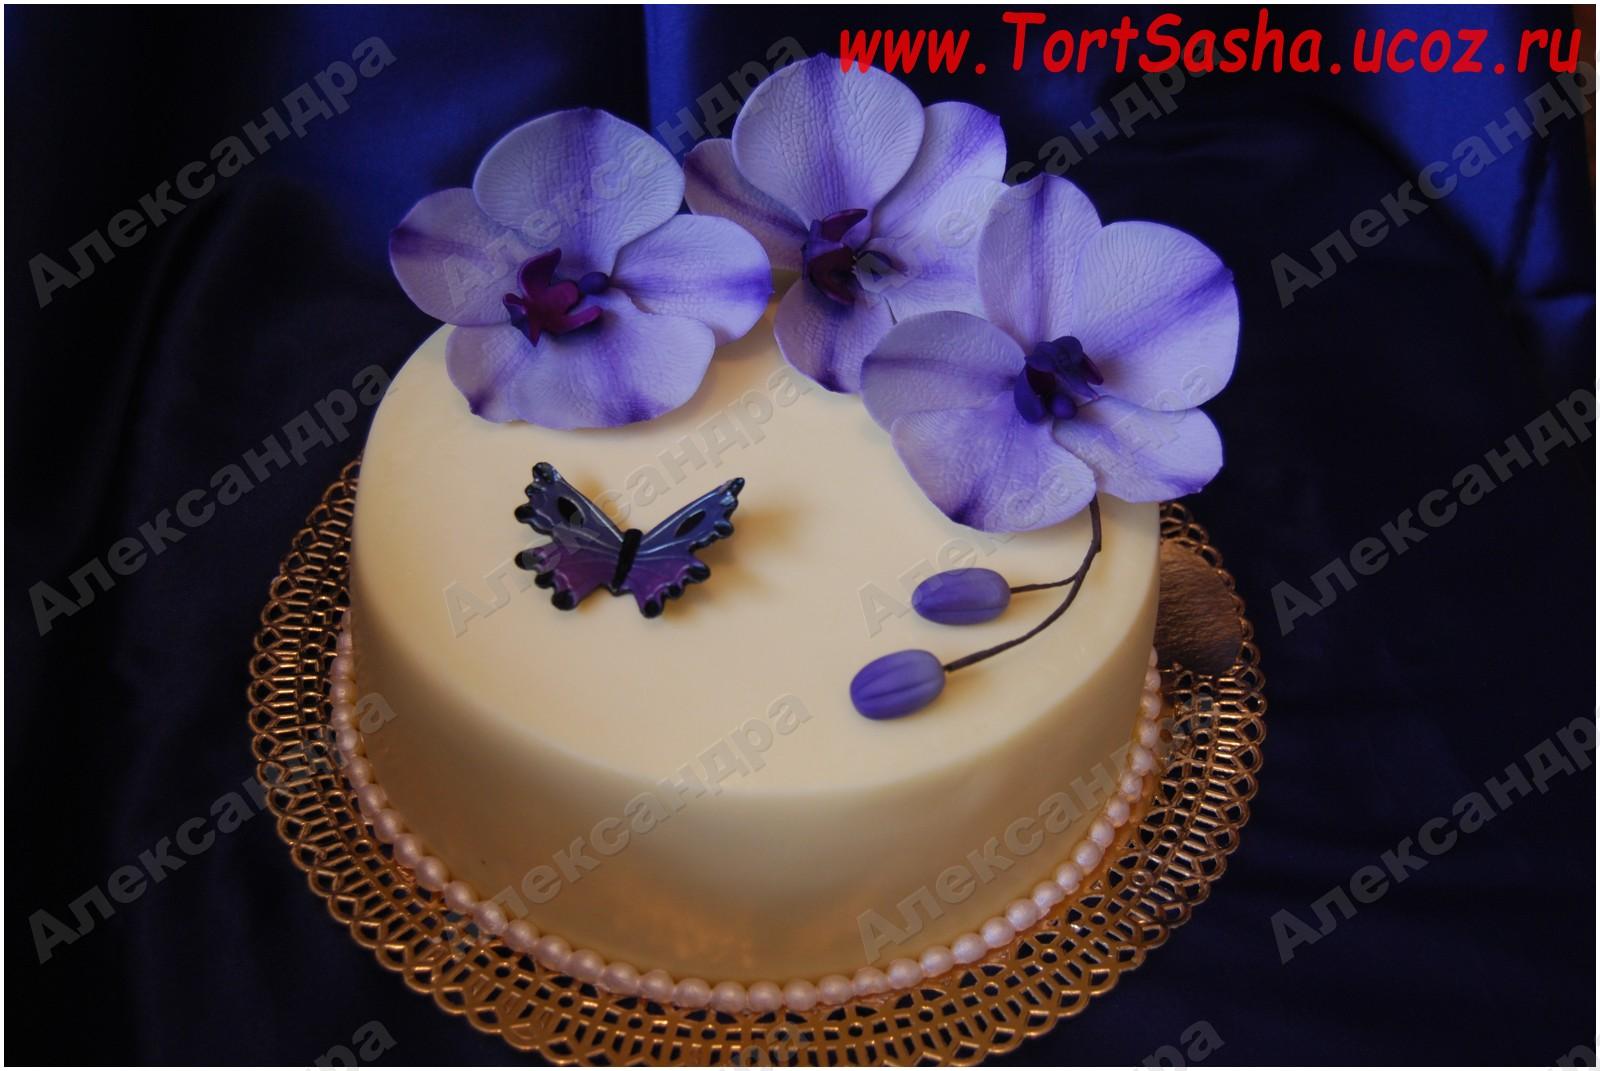 торт фото орхидеи